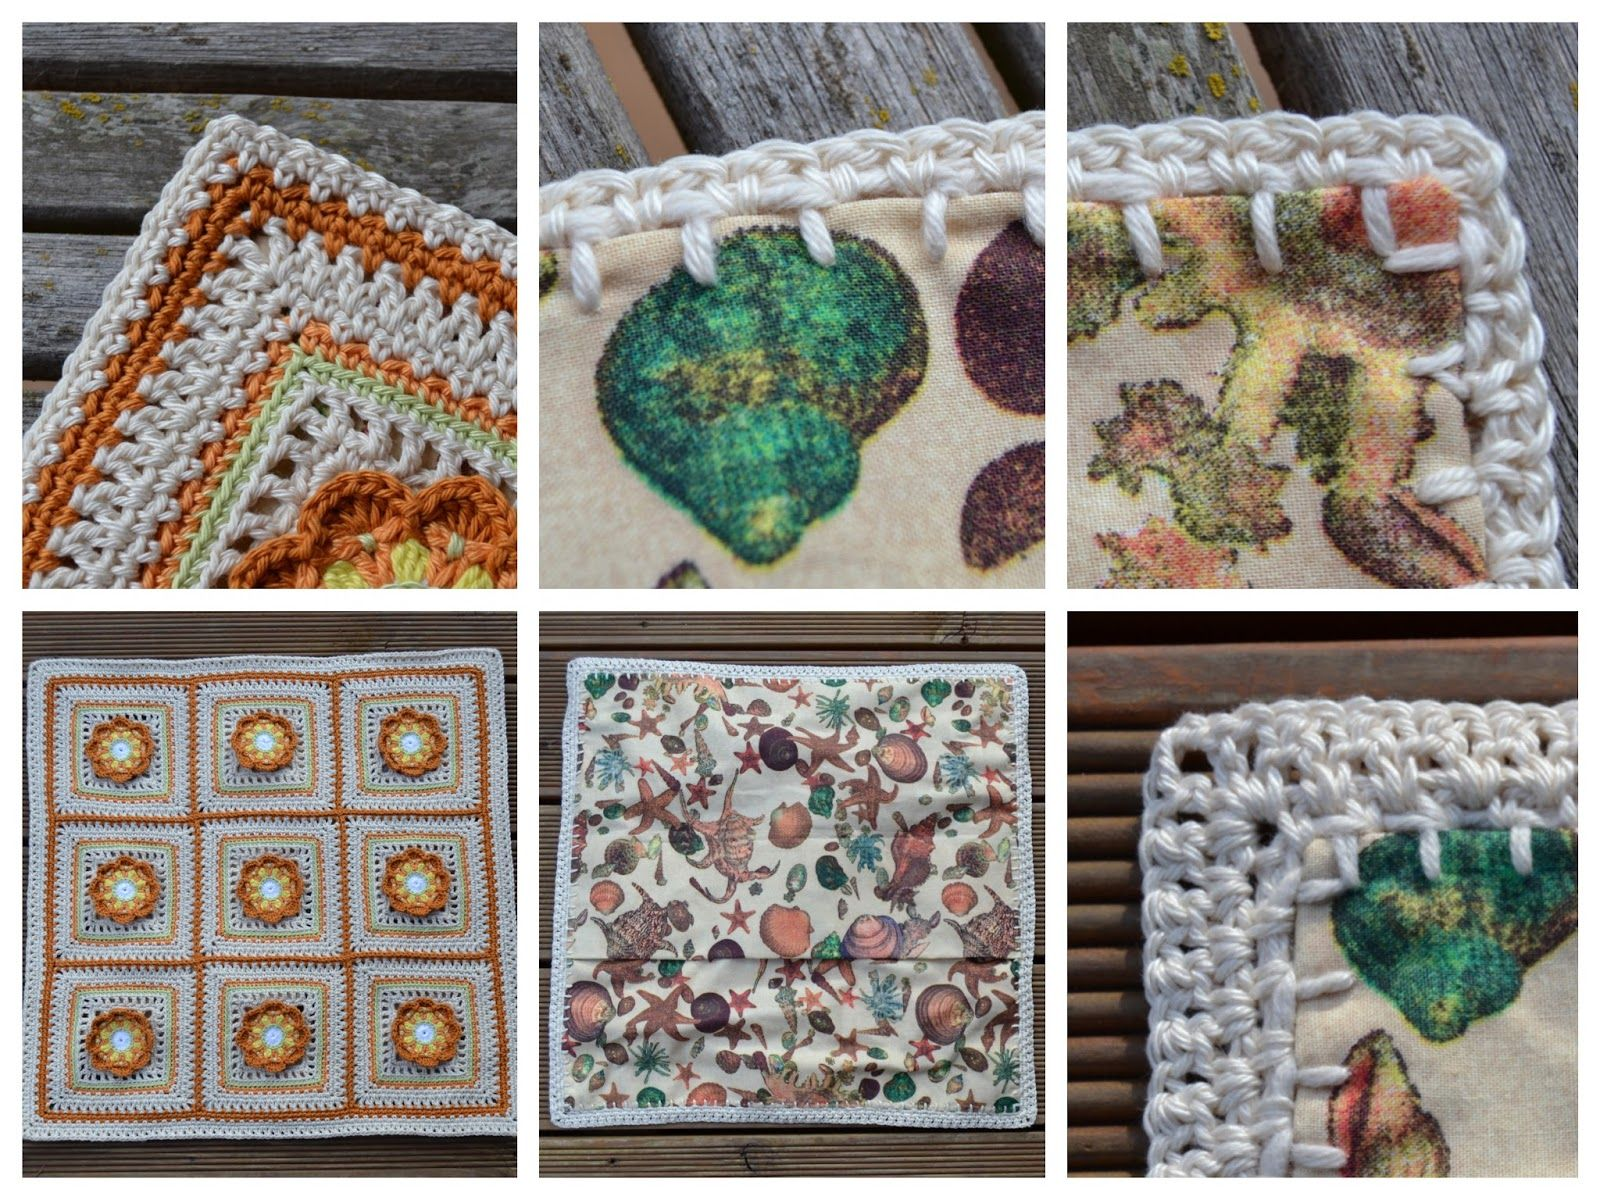 Atelier Marie-Lucienne: Scrappy Flower Granny Variation #2 - Resteblumen-Grannies-Variation Nr.2